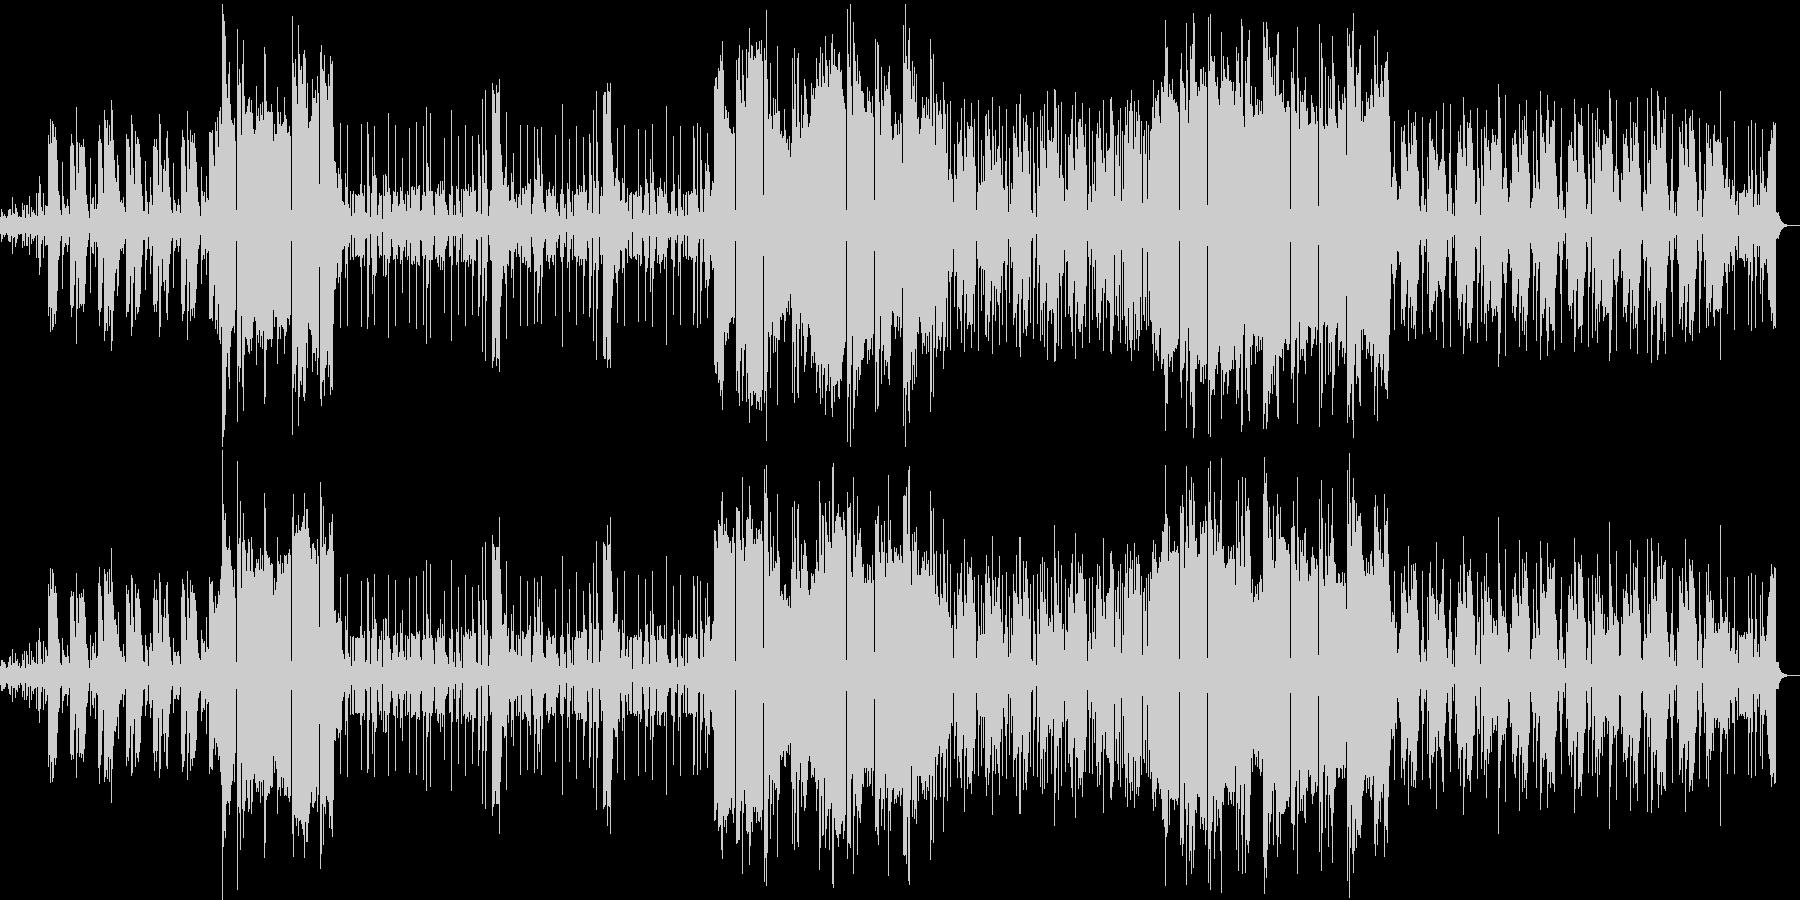 『さくら』三味線のヒップホップアレンジの未再生の波形